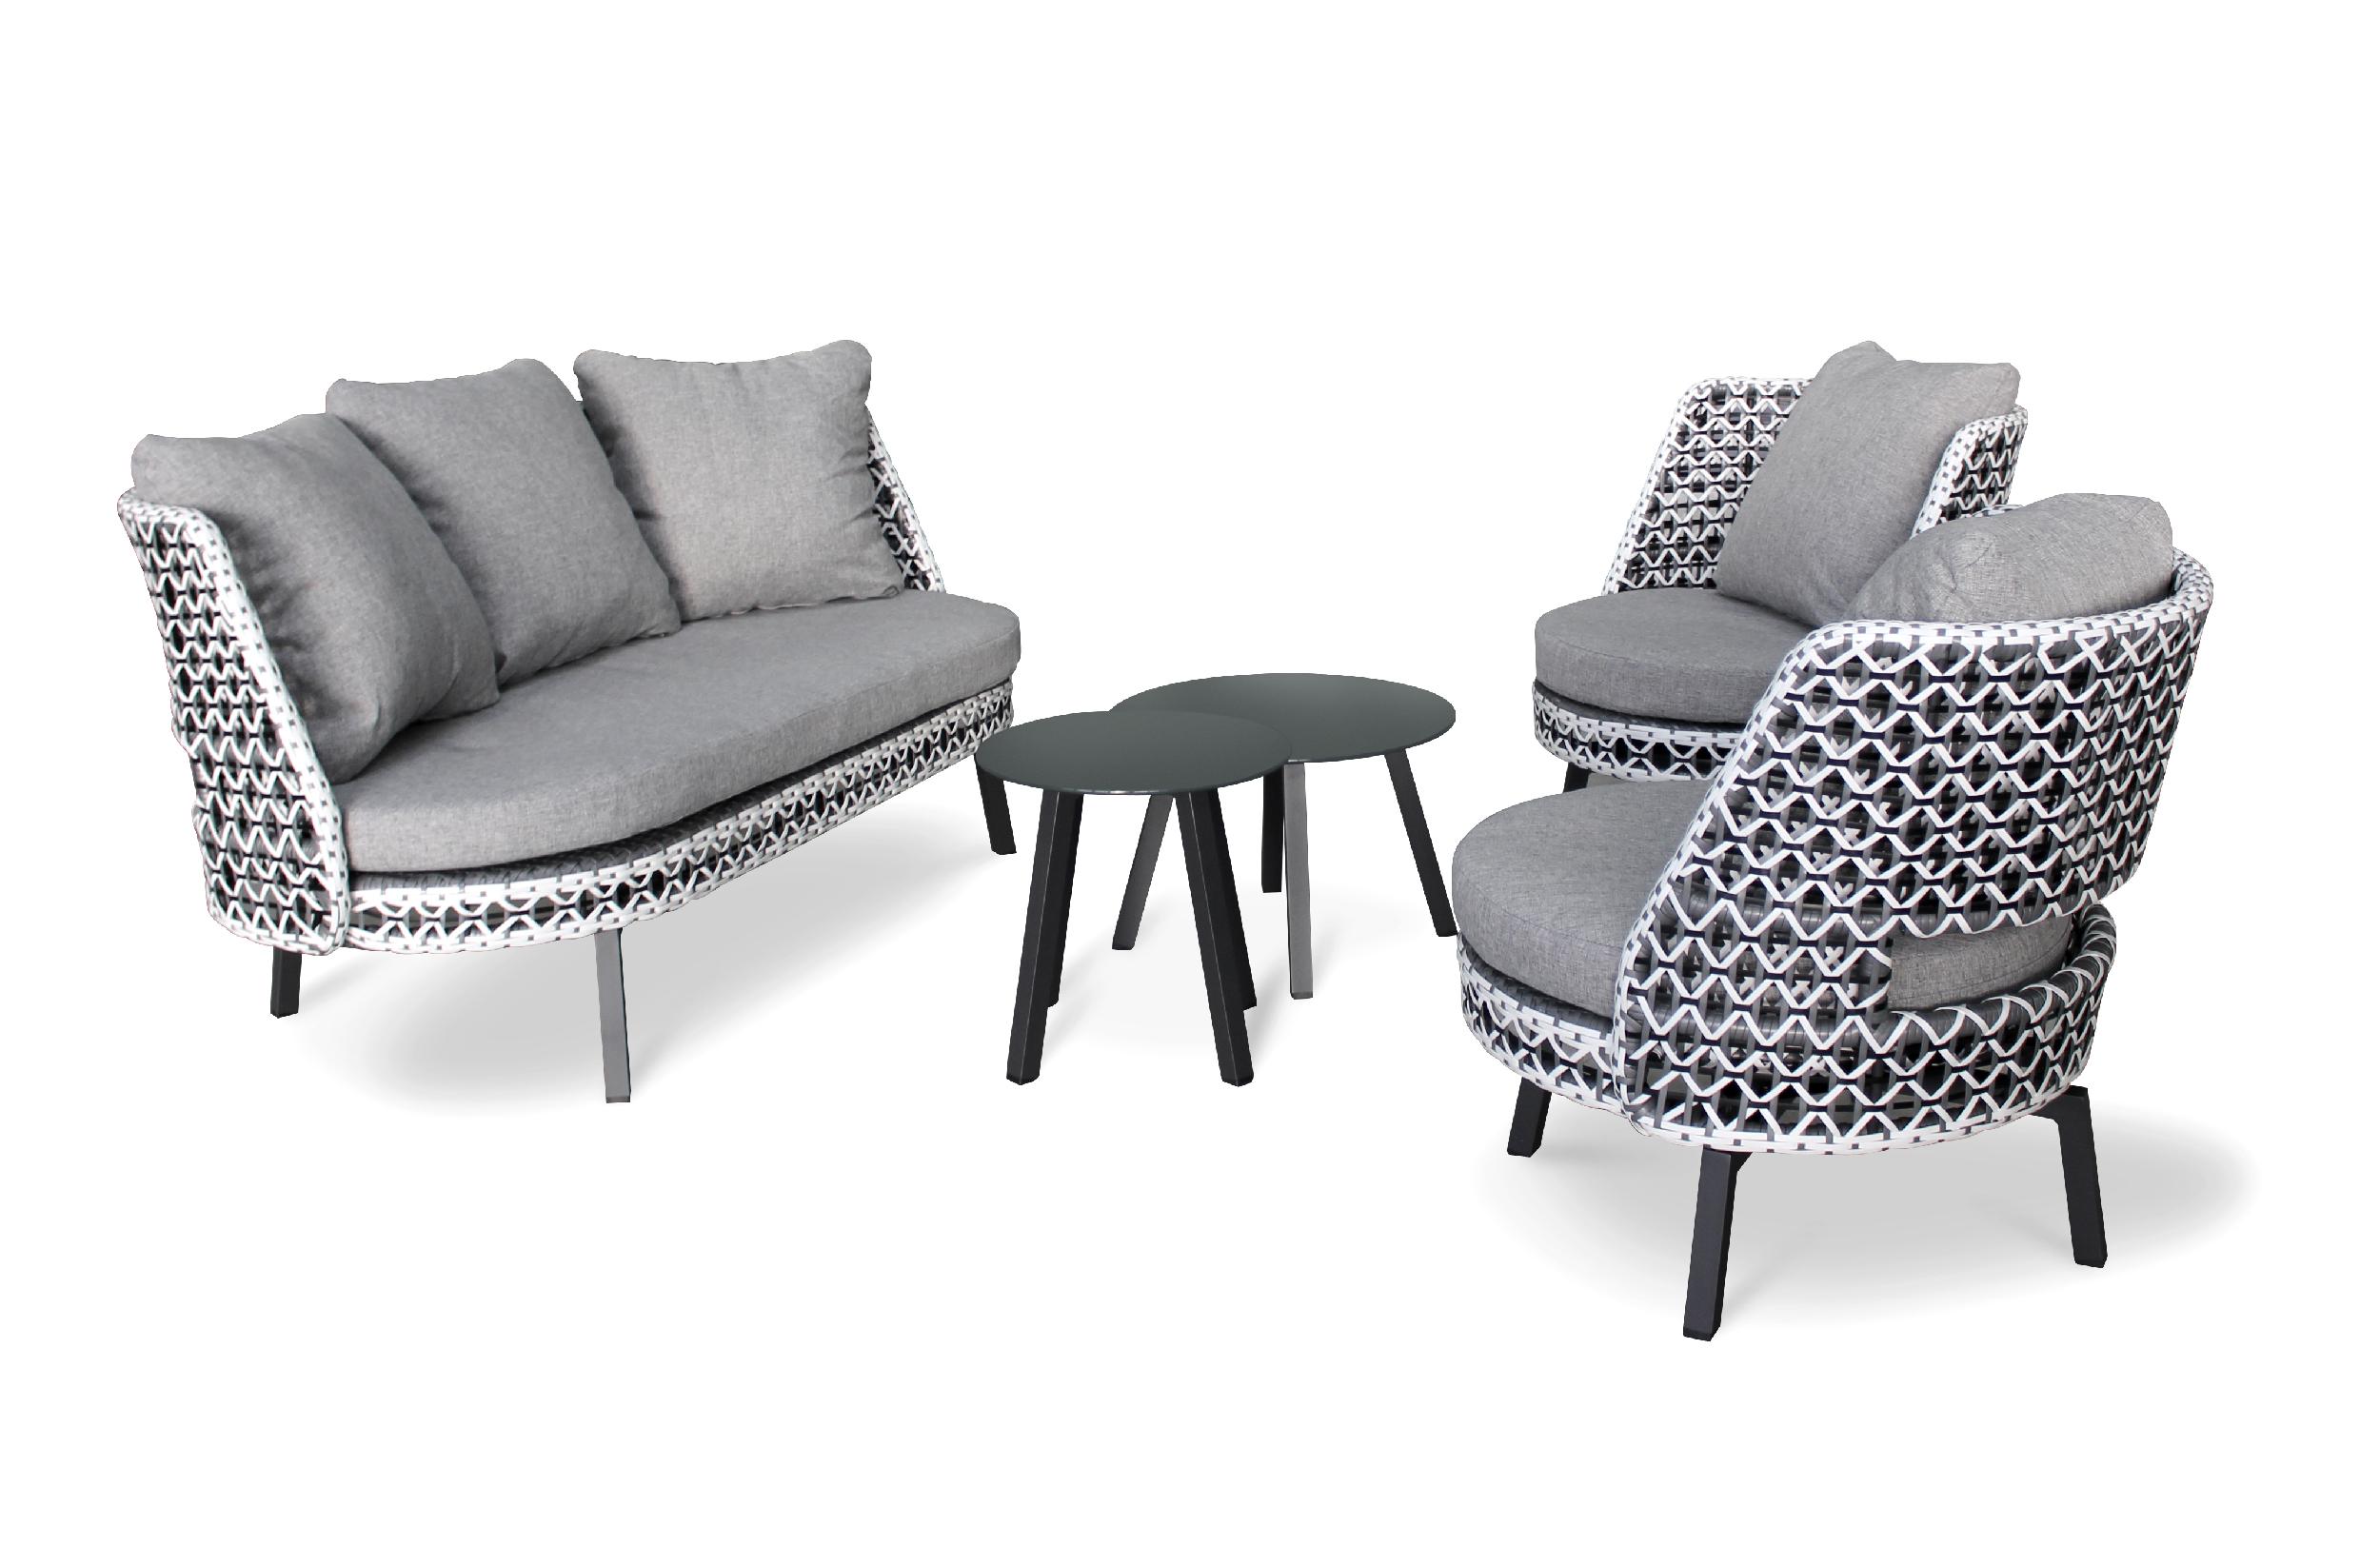 Salon de jardin 4 places fauteuils rotatives gris anthracite